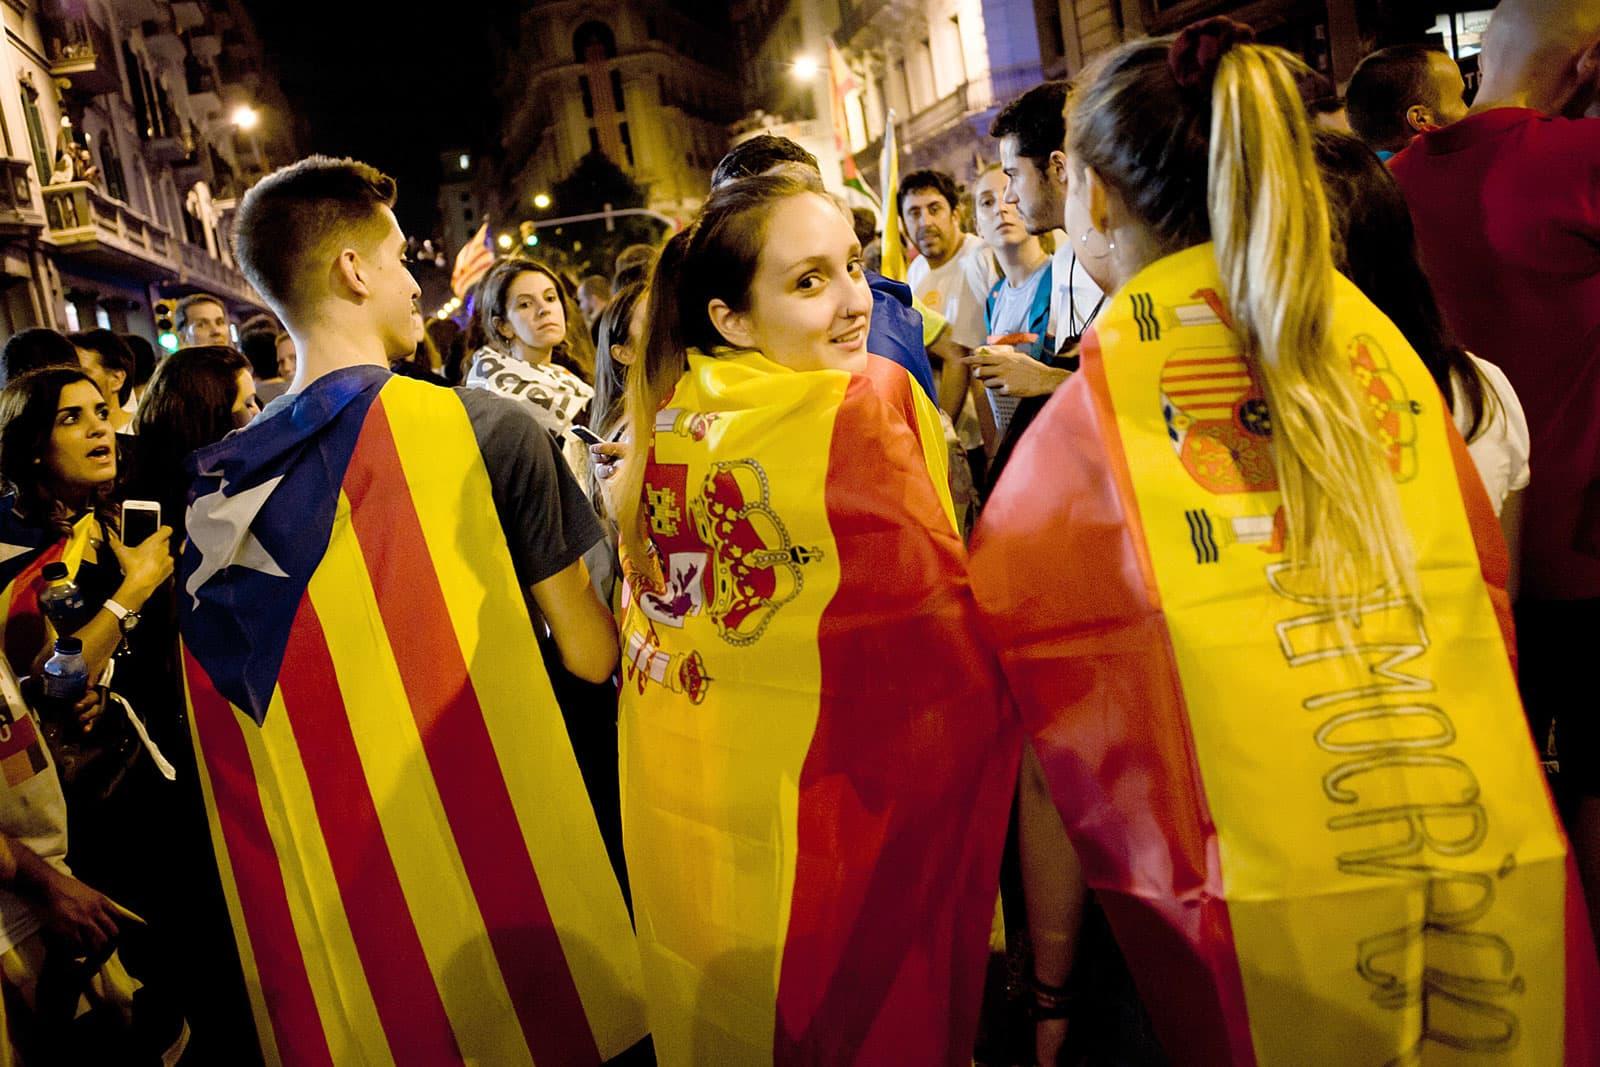 Joves amb la bandera espanyola i l'estelada junts en una manifestació el 2017 a Barcelona. Fotografia de Jordi Boixareu. Zuma Wire.